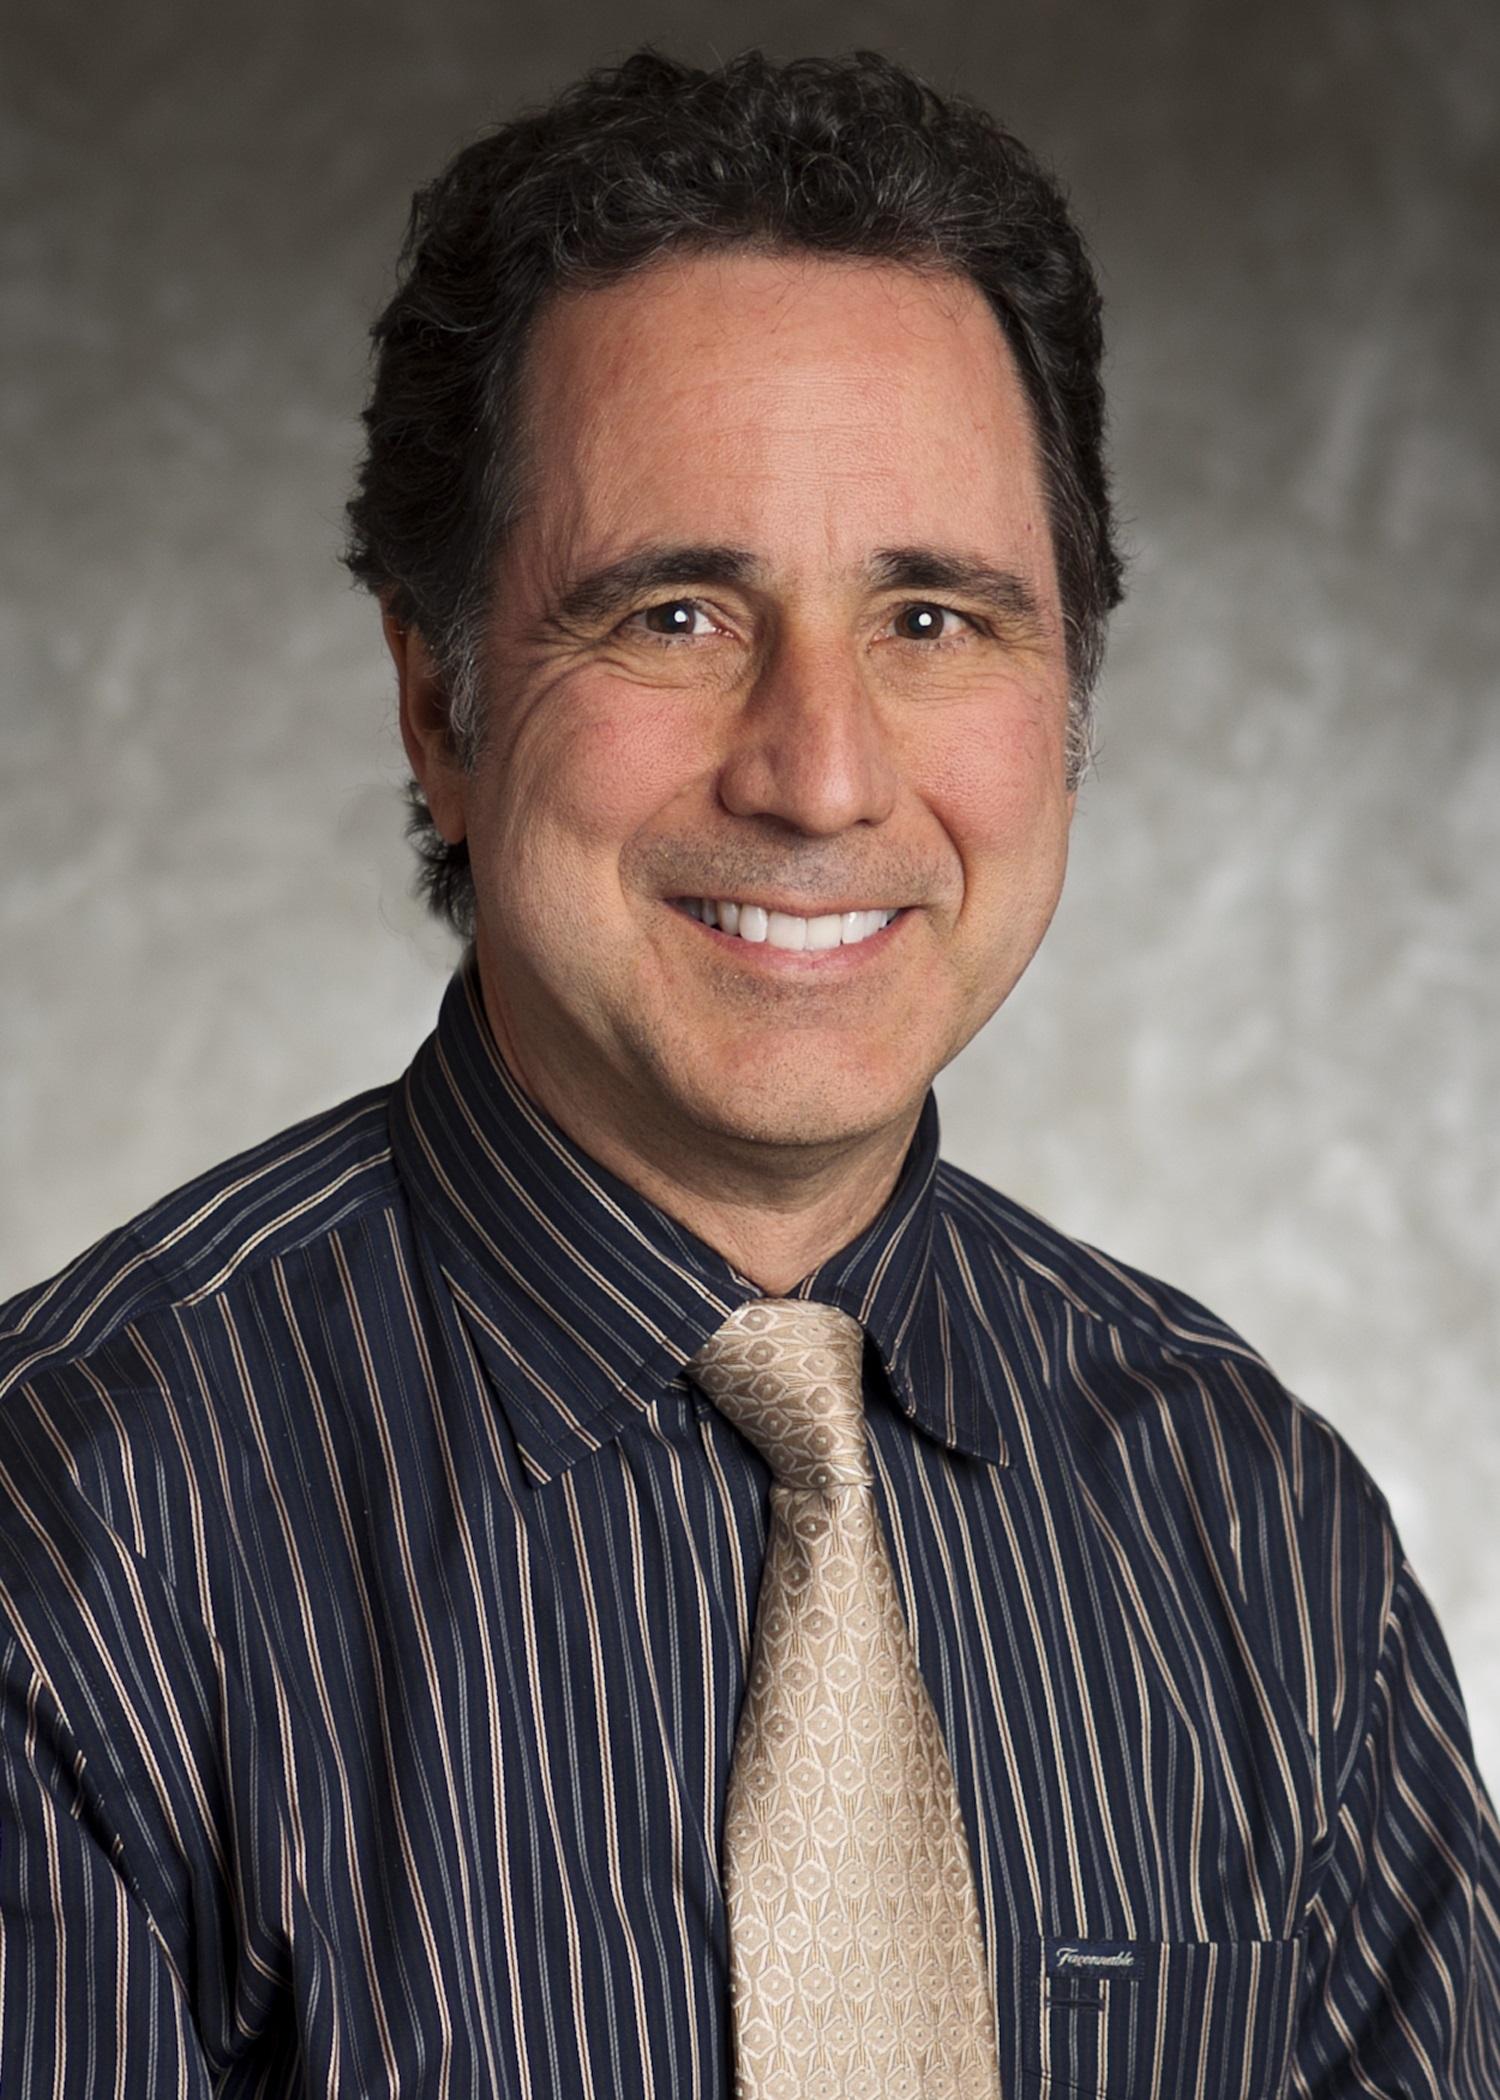 Board certified gastroenterologist serving Olney, Rockville